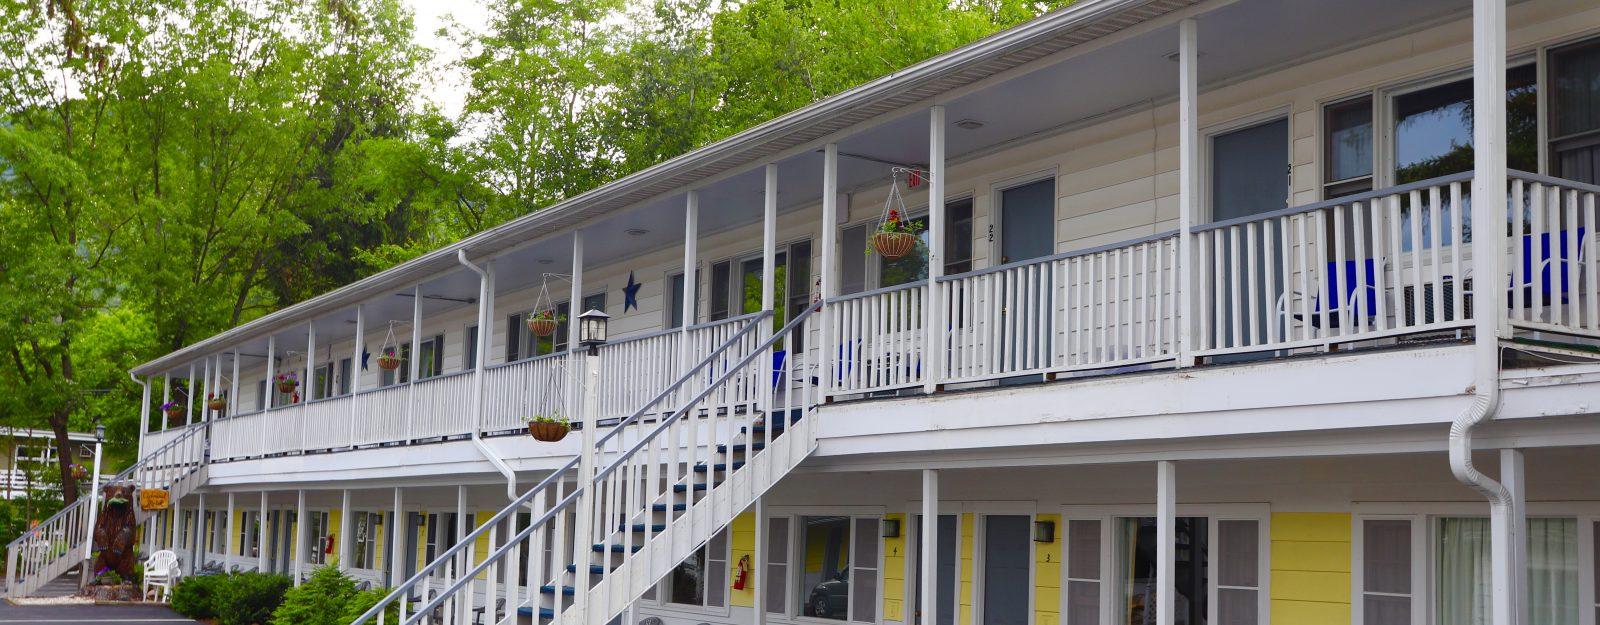 Motel room porches